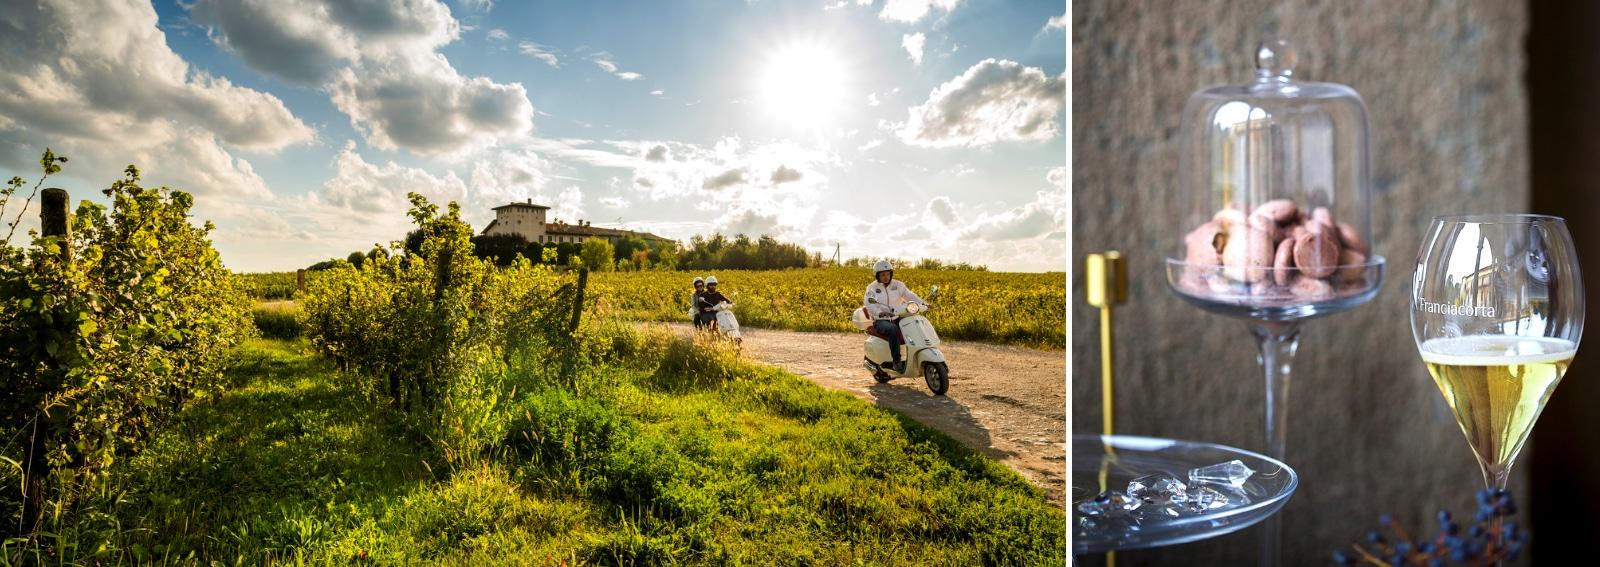 Franciacorta itinerari gusto vino natura storia arte Fetival Franciacorta in Cantina DESK